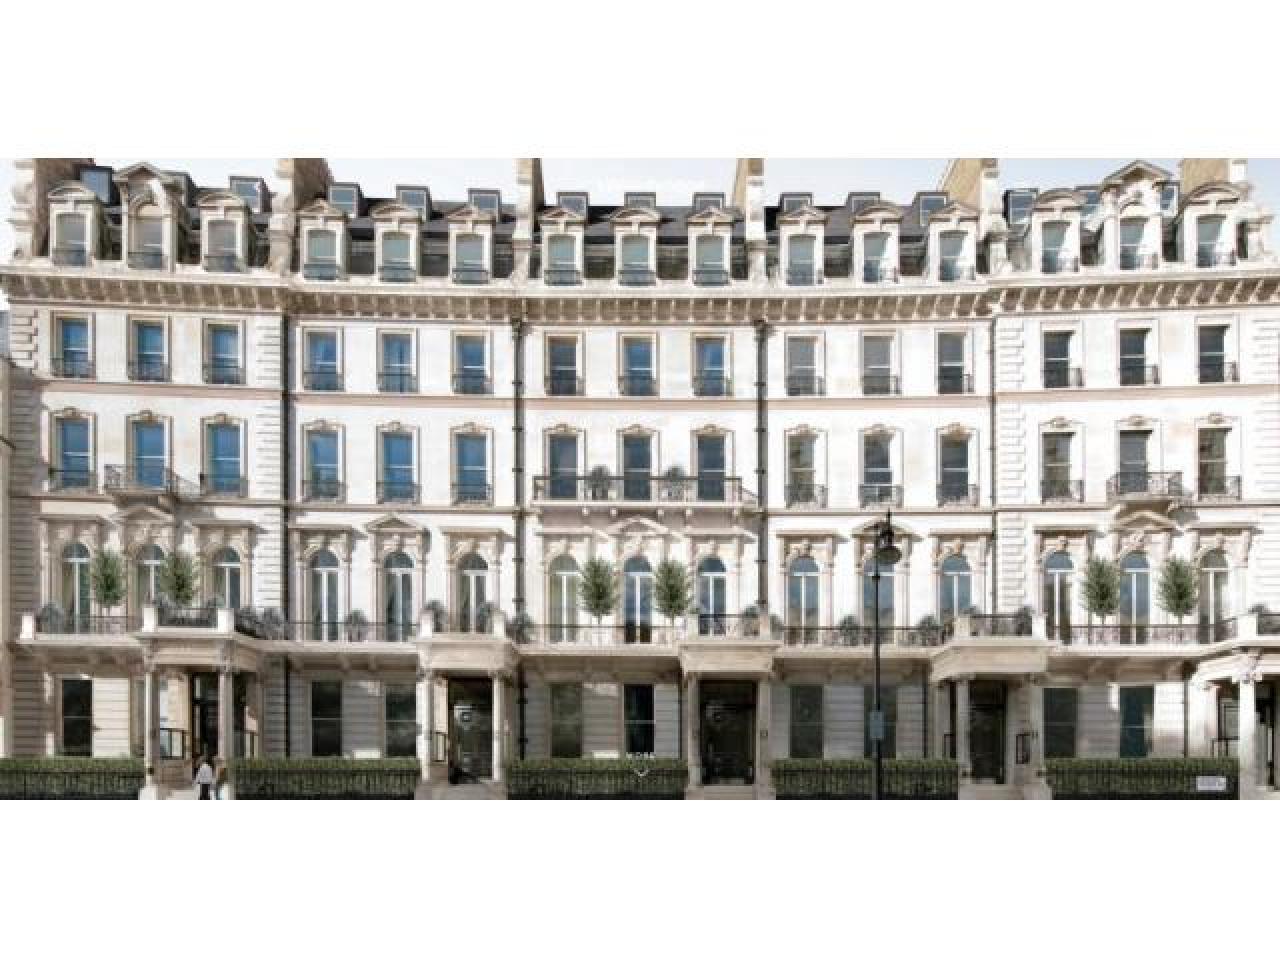 Инвестиционно-строительная компания - London Development & Construction. - 6